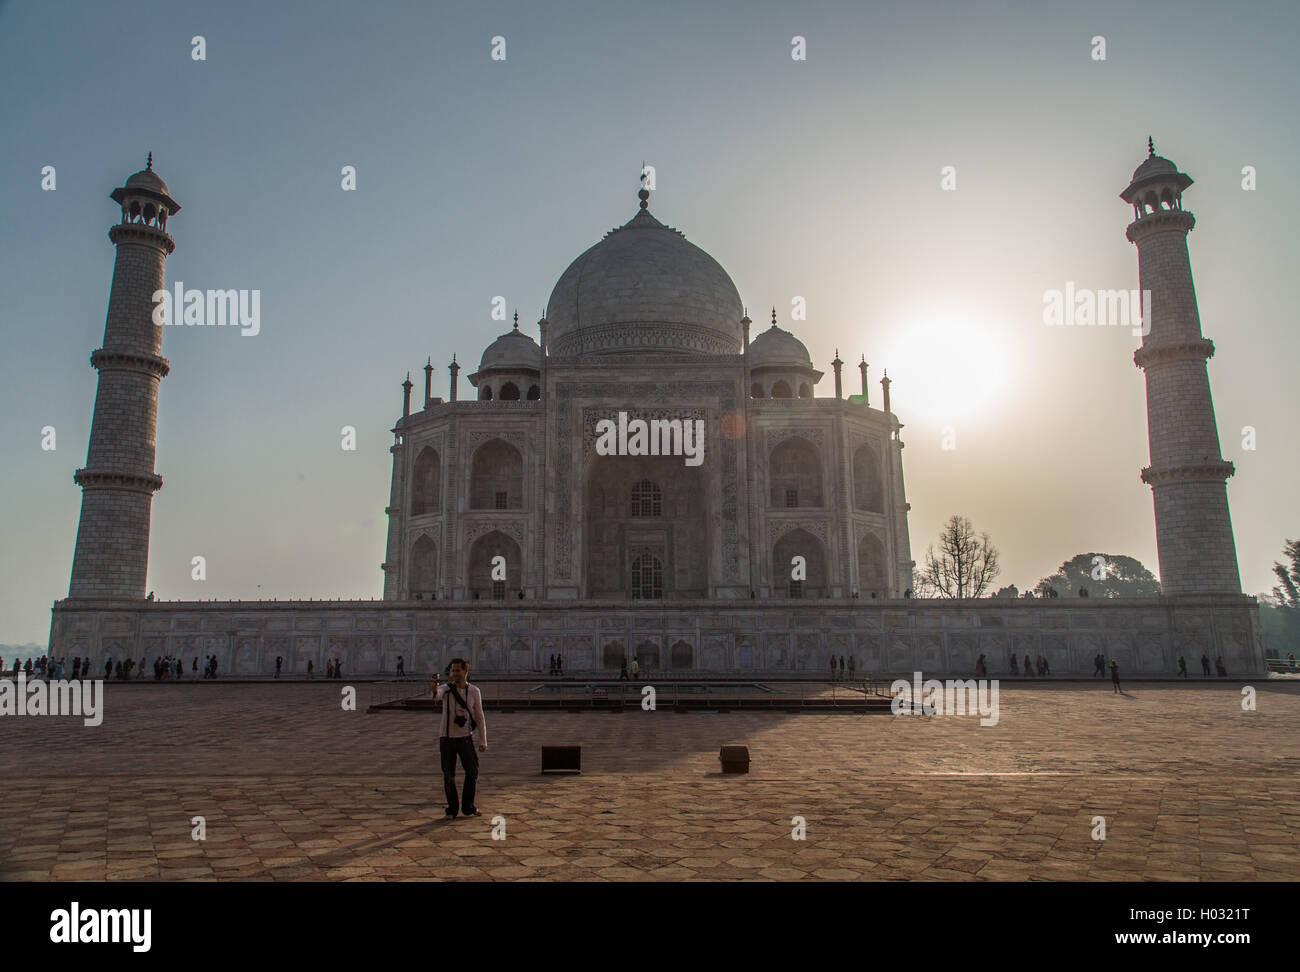 AGRA, India - 28 de febrero de 2015: Contraluz vista del Taj Mahal desde el lado Oeste con turistas tomando selfie. Imagen De Stock